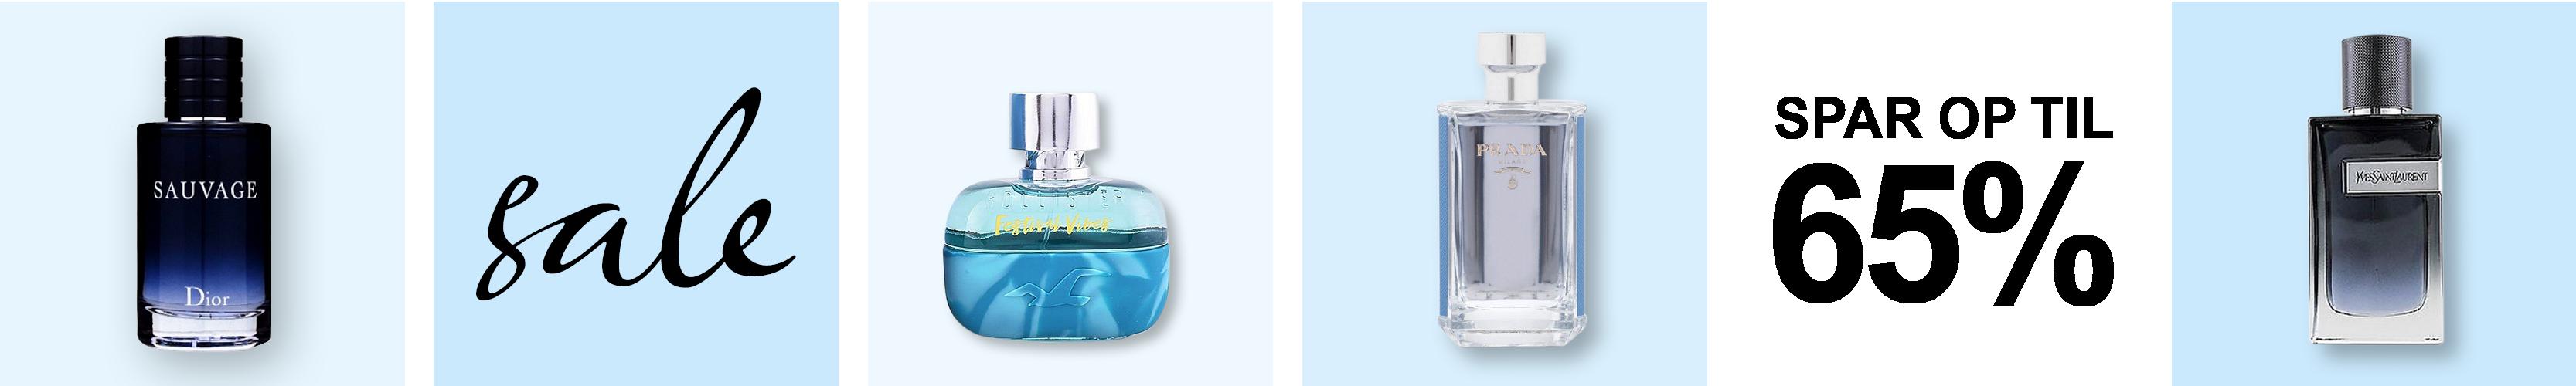 Parfume Tilbud Mænd BilligParfume